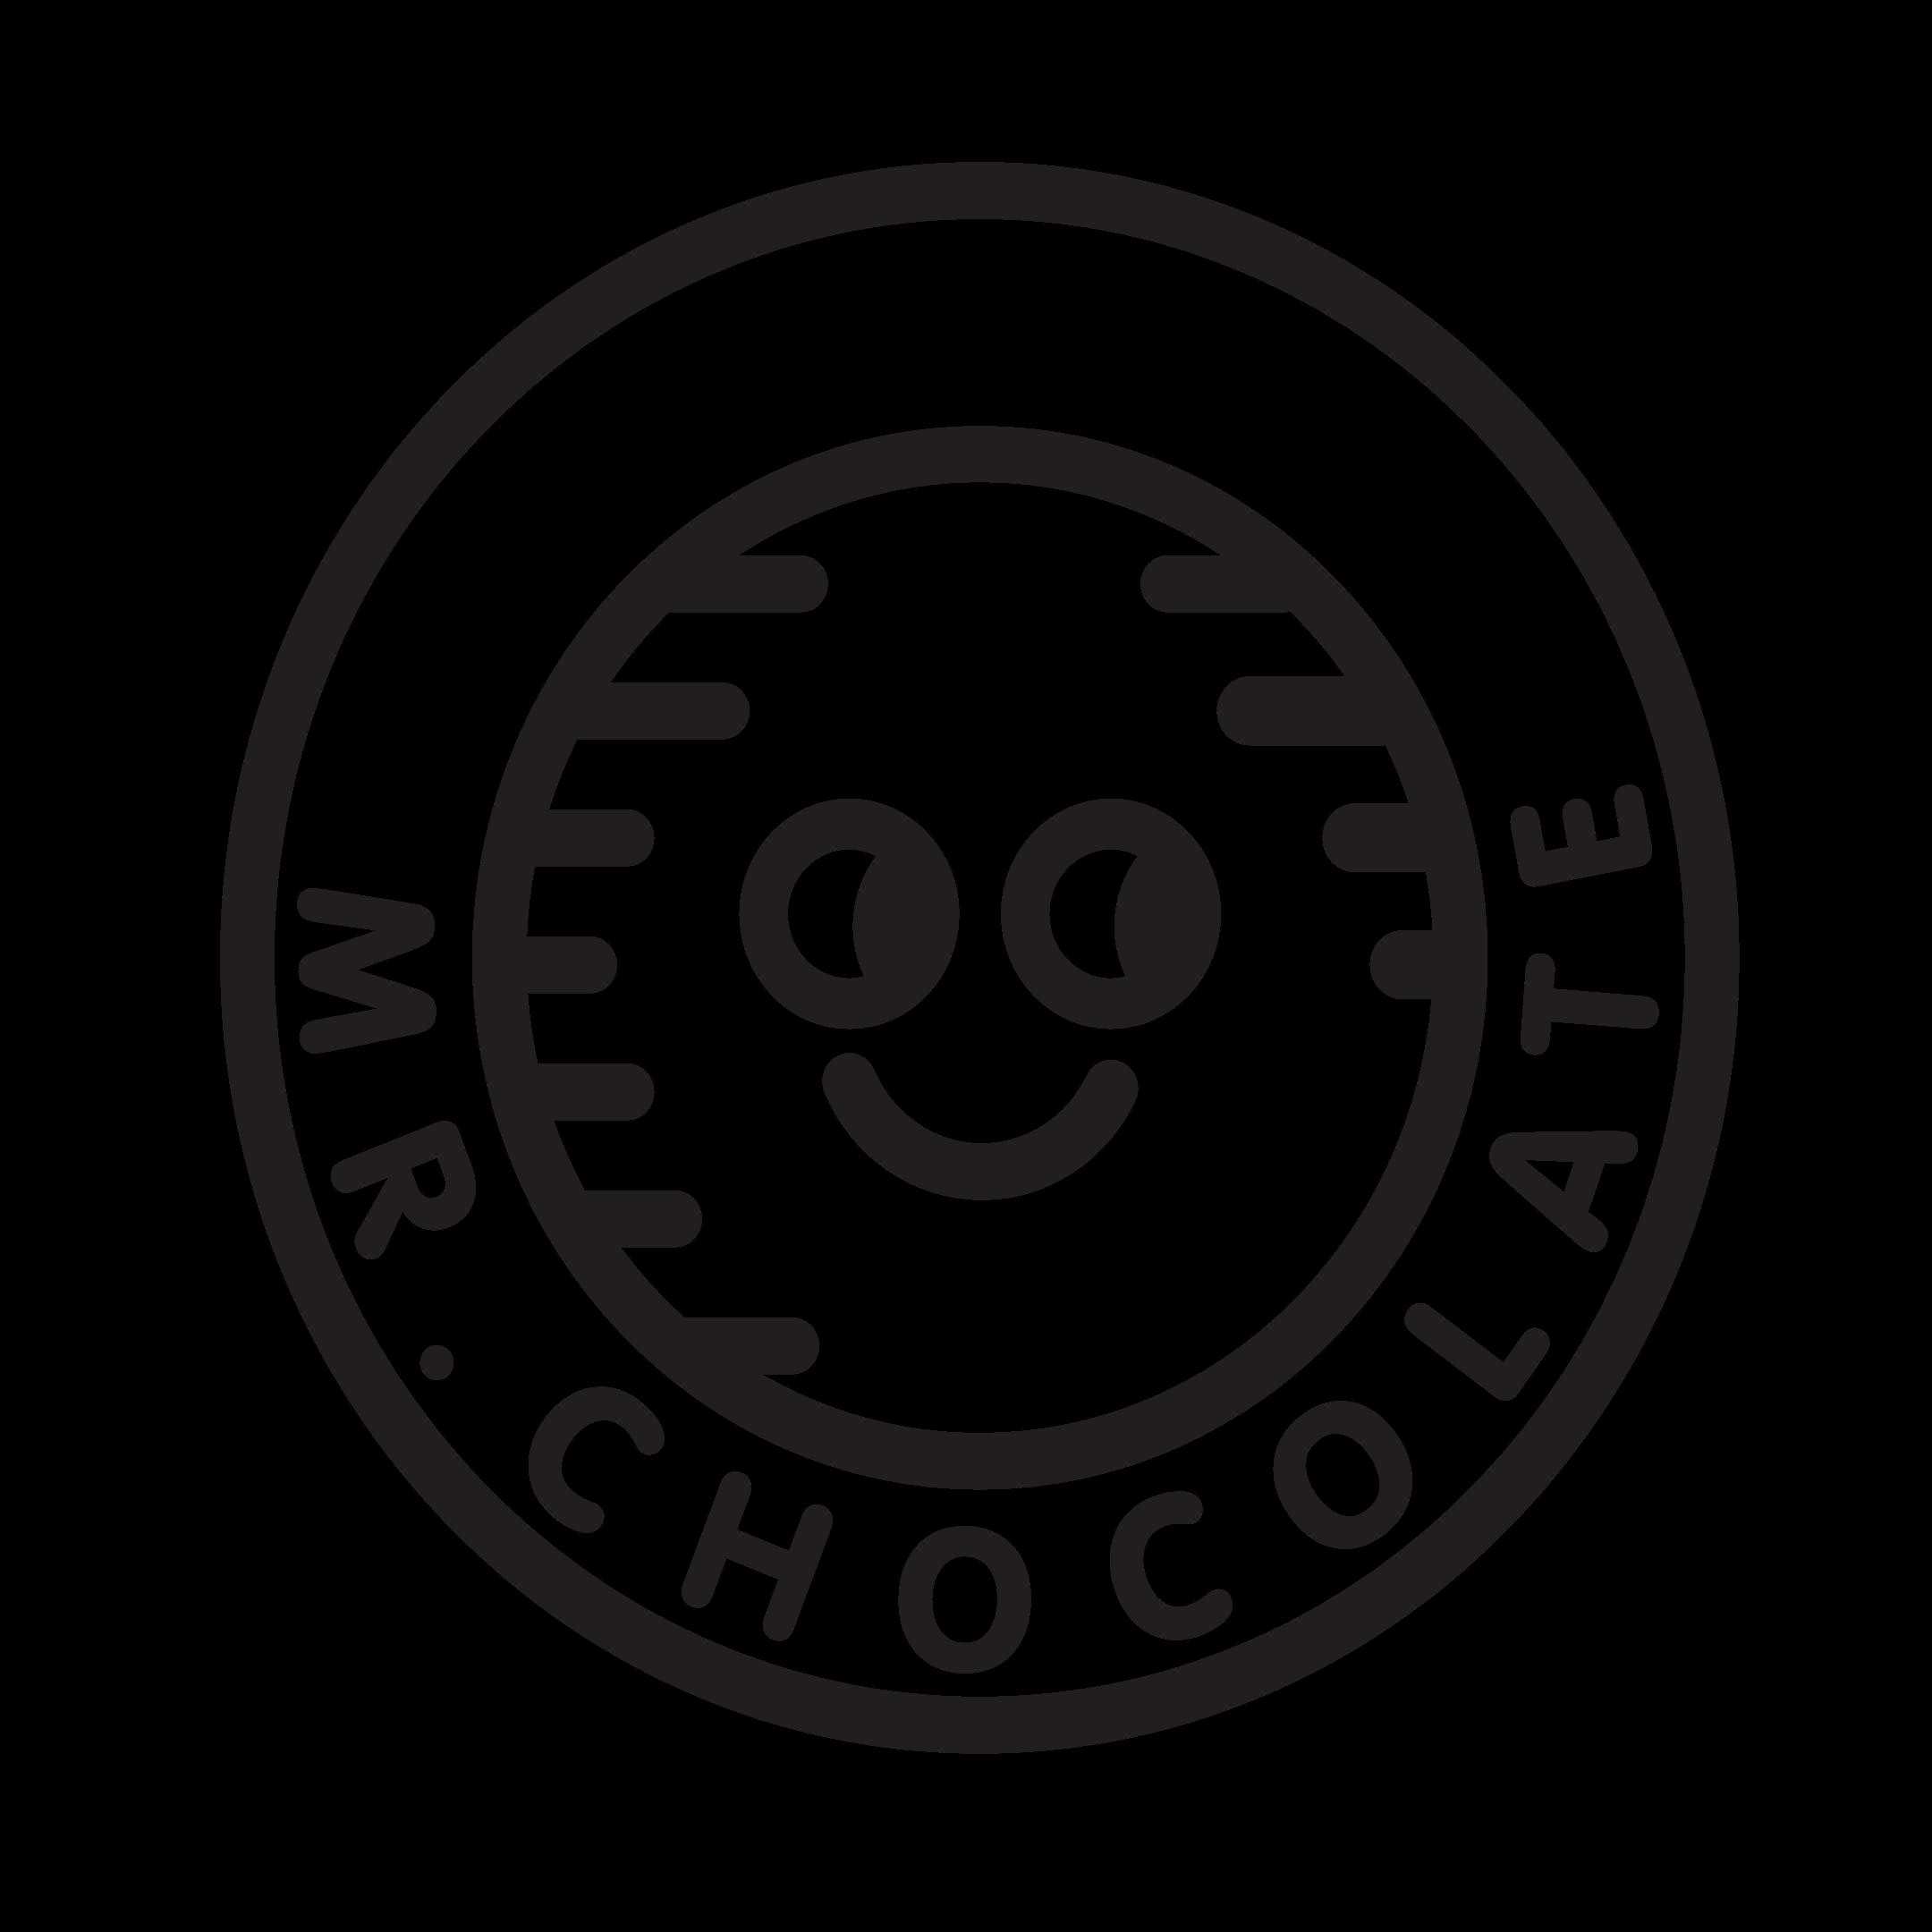 Logga för Mr Chocolate